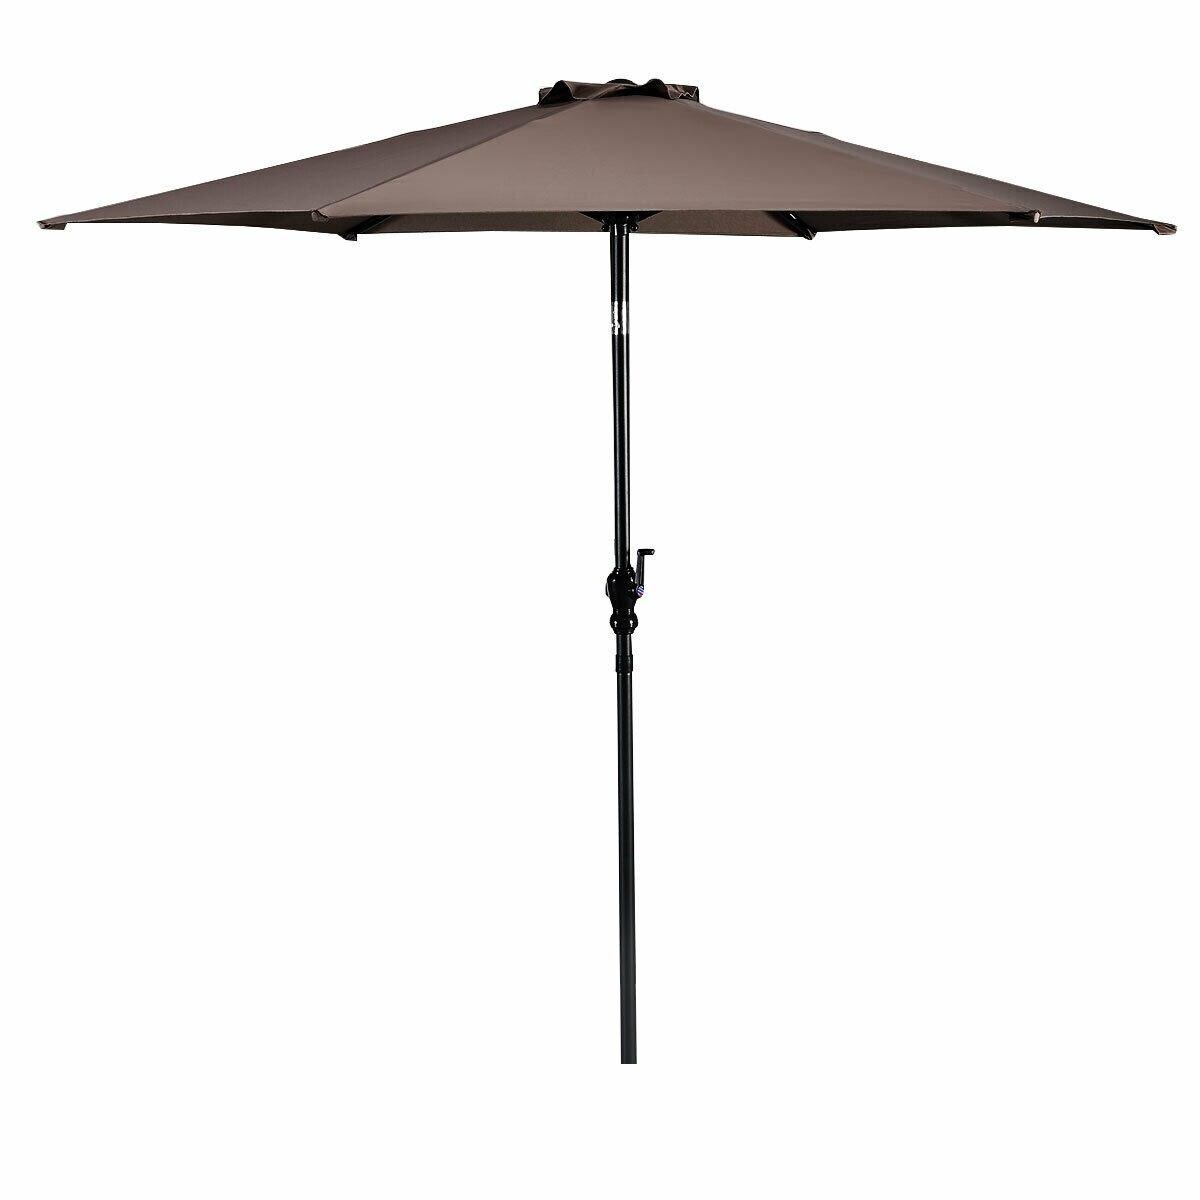 Costway 10FT Patio Umbrella 6 Ribs Market Steel Tilt W/ Crank Outdoor Garden Tan